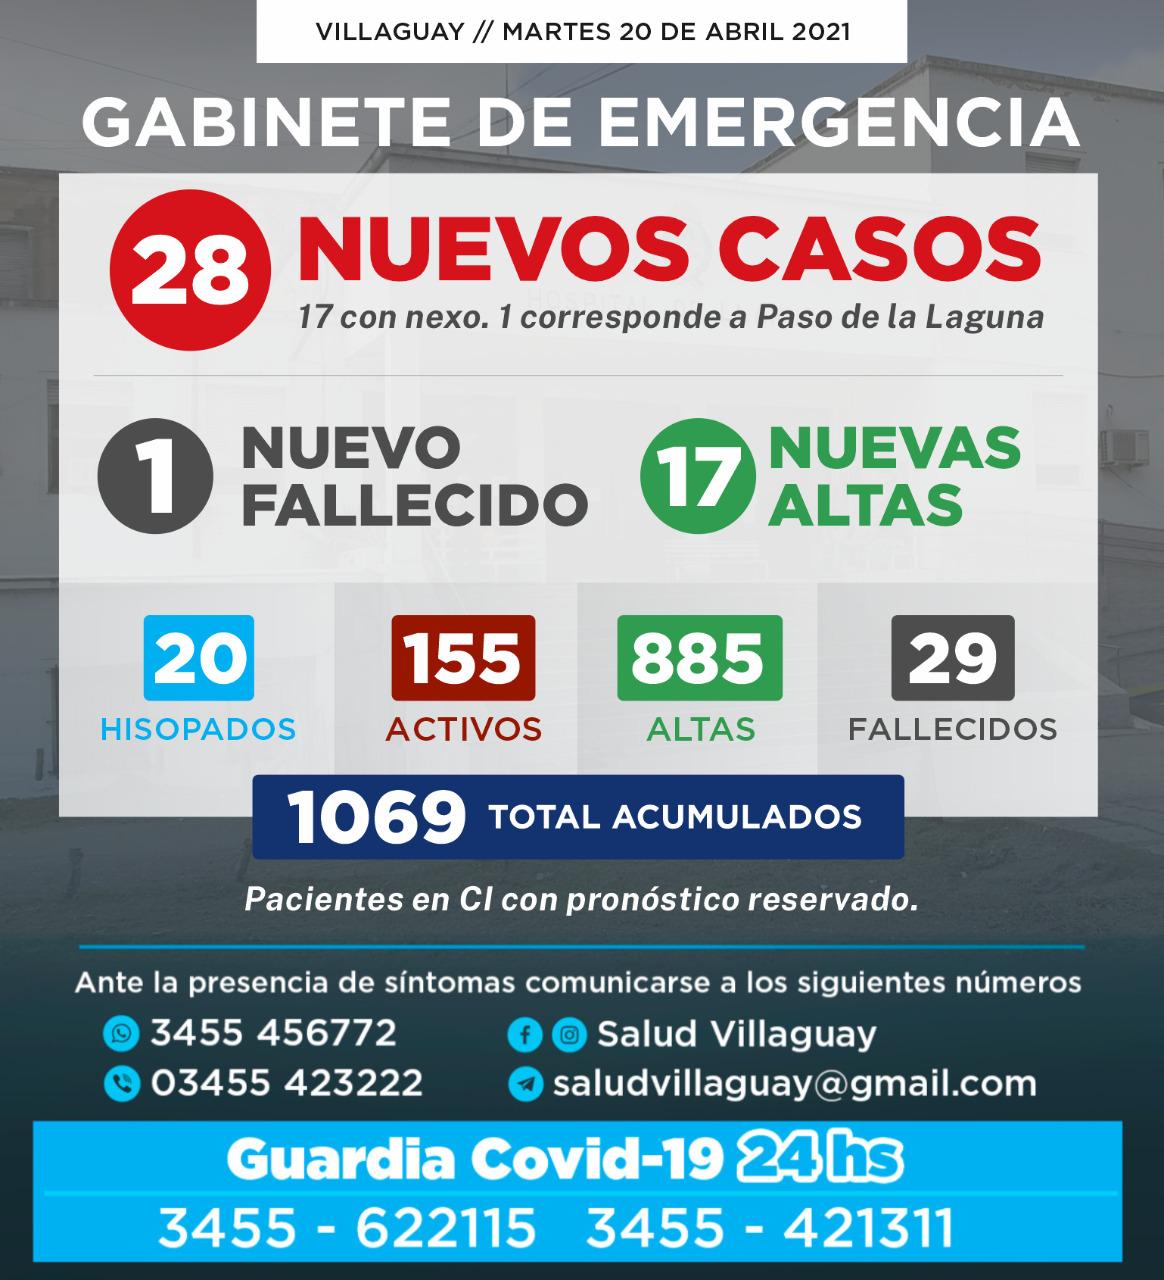 GABINETE DE EMERGENCIA DE VILLAGUAY: Reportó éste Martes 20/04, un nuevo fallecido y 28  casos de Covid-19